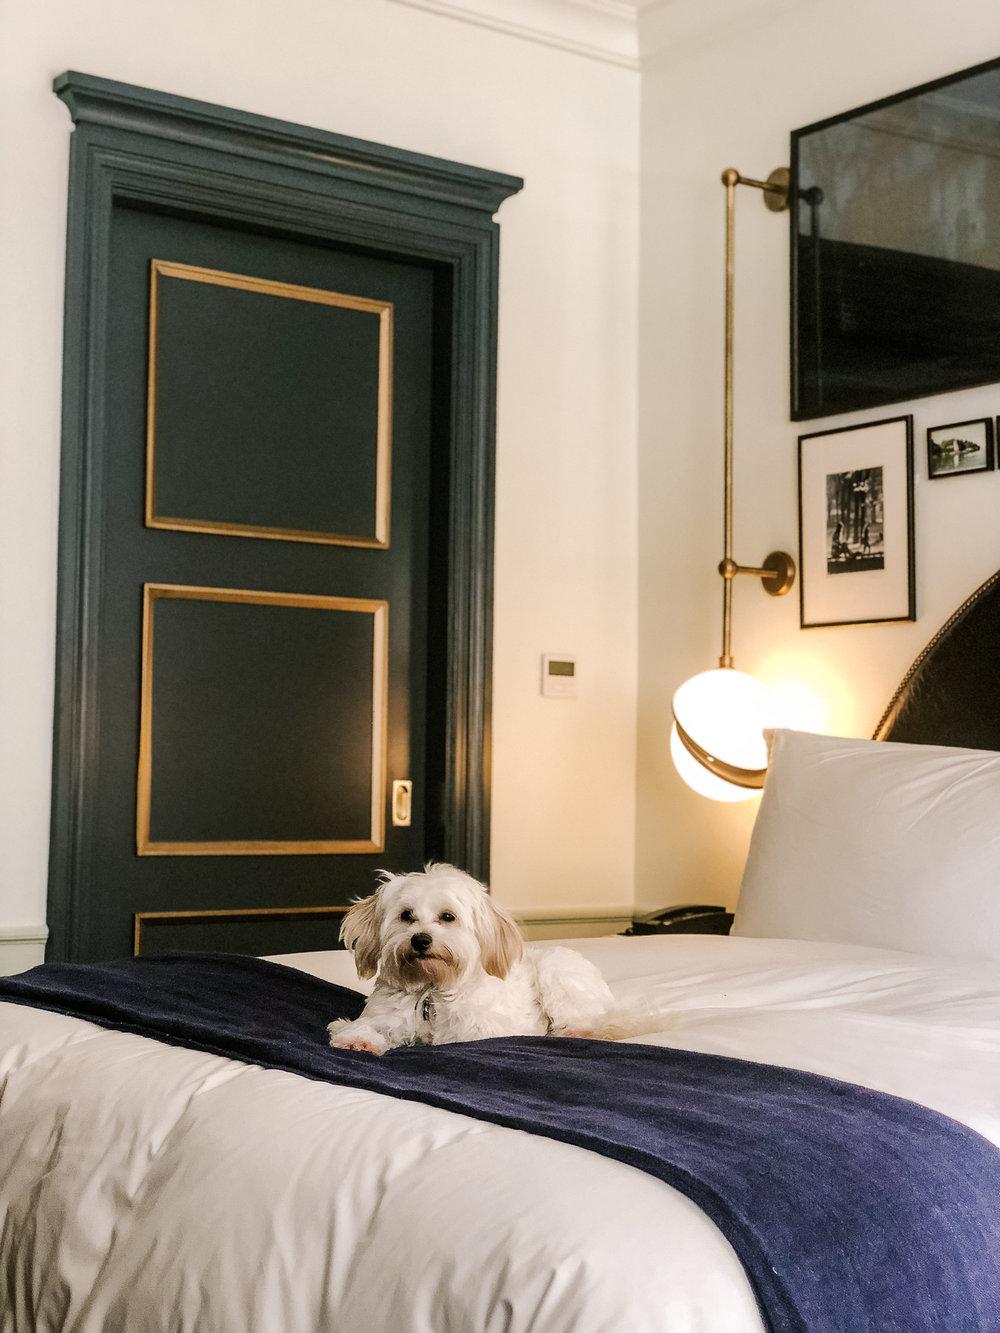 AshleyCampuzanoBlog_Nomad-Hotel_ACexplores_AshleyCampuzanoActress_@CampuzanoAshley_2.jpg